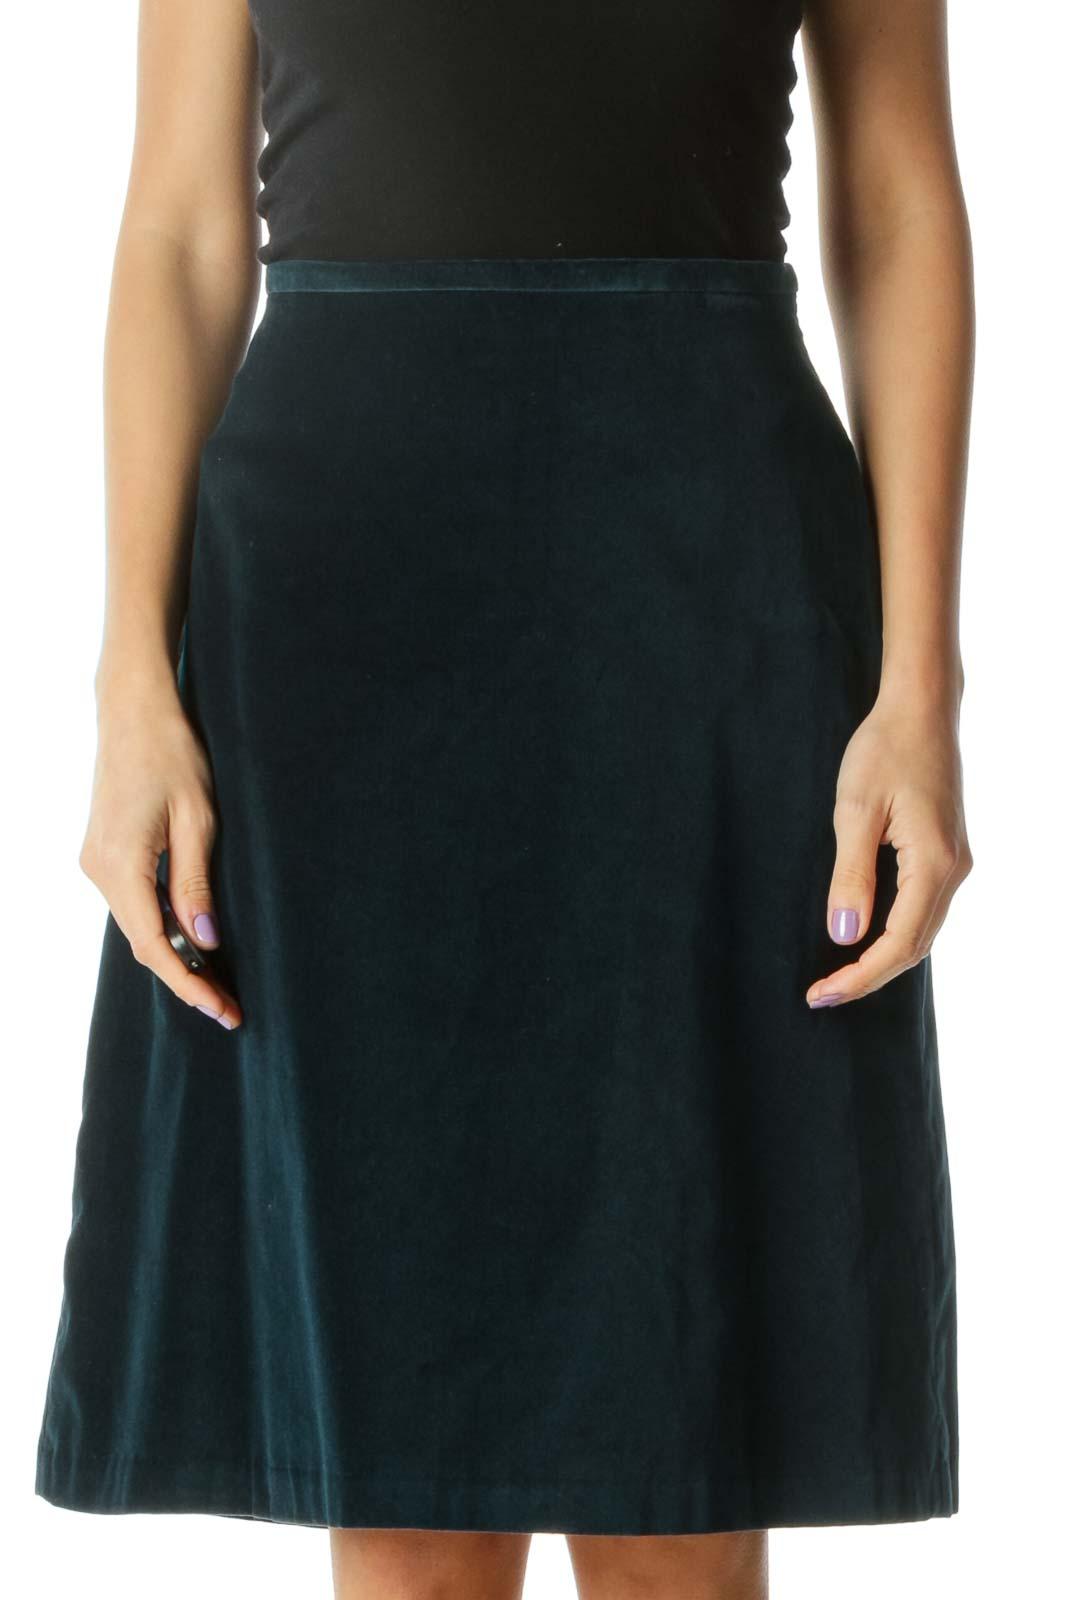 Blue Velvet Pencil Skirt Front